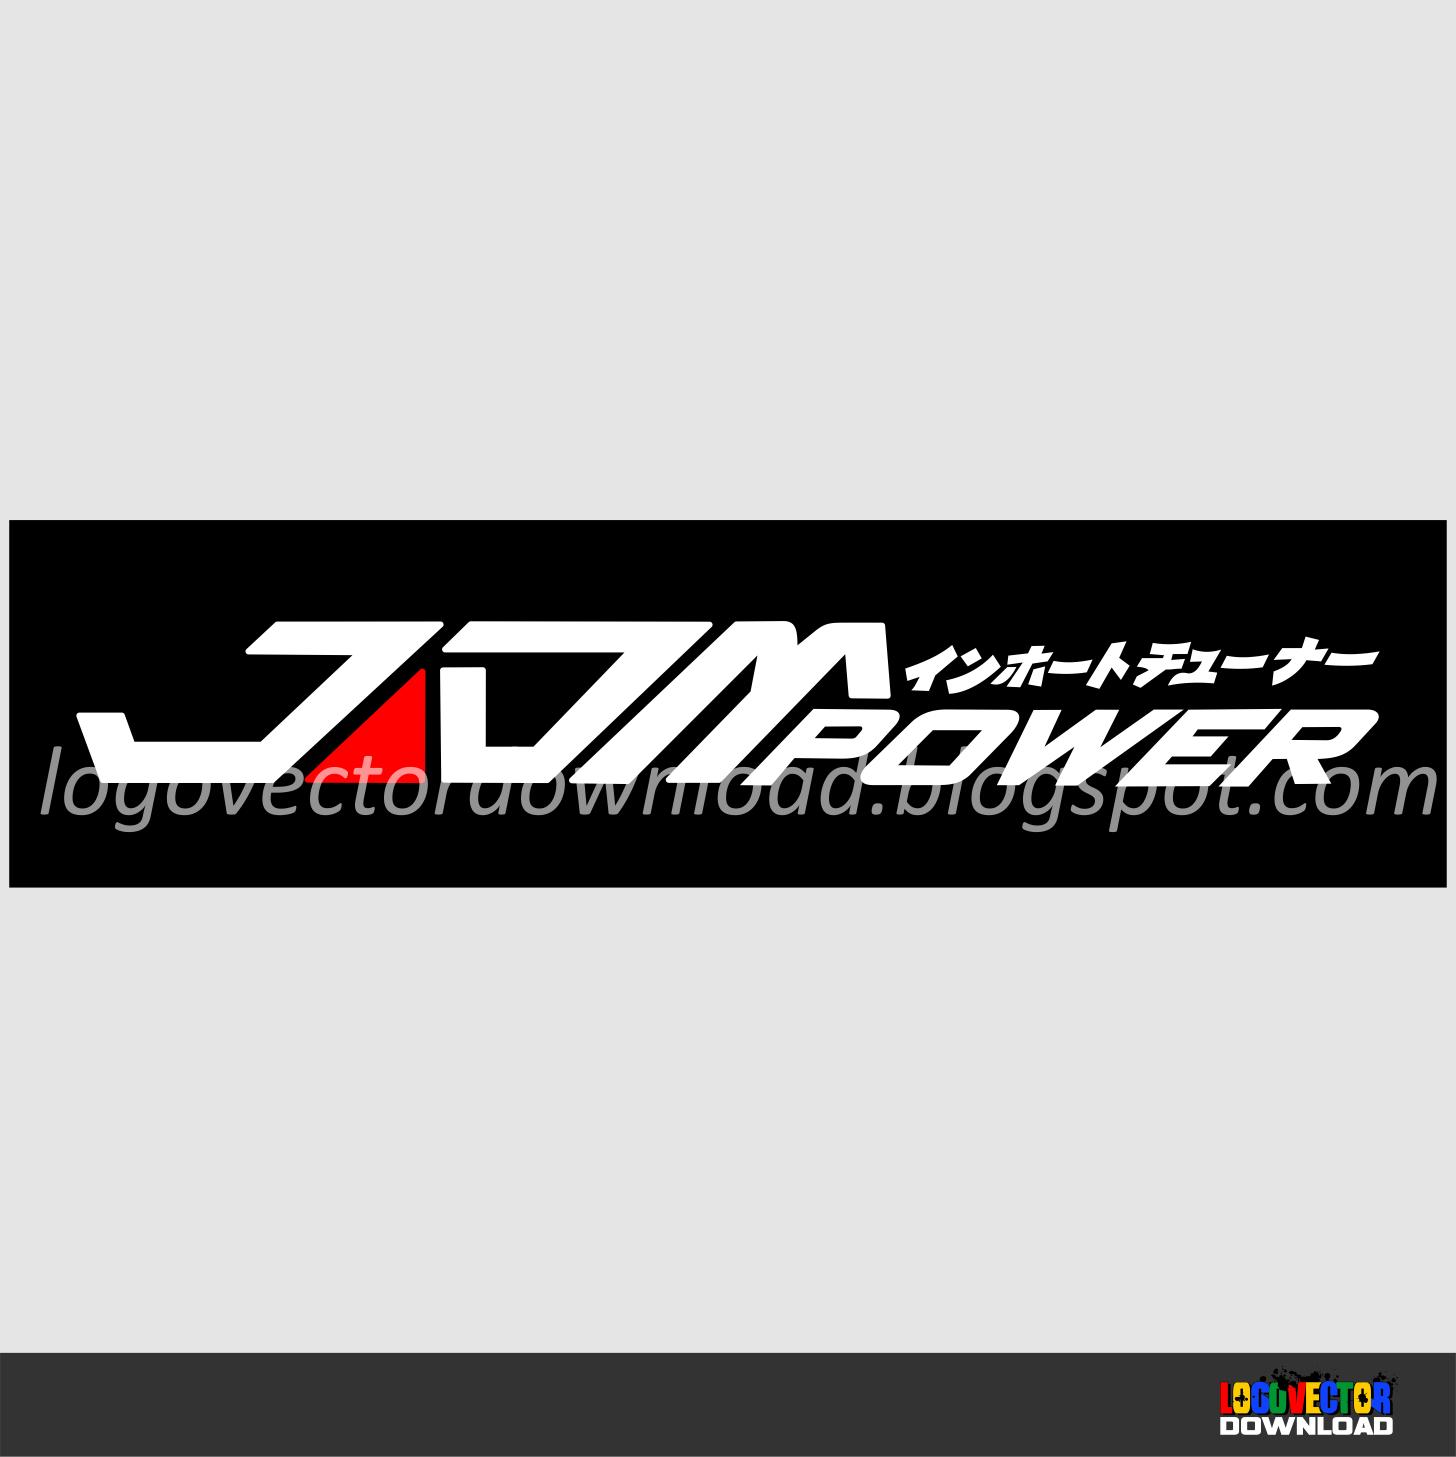 JDM POWER Logo Vector Download - Logo Vector Download